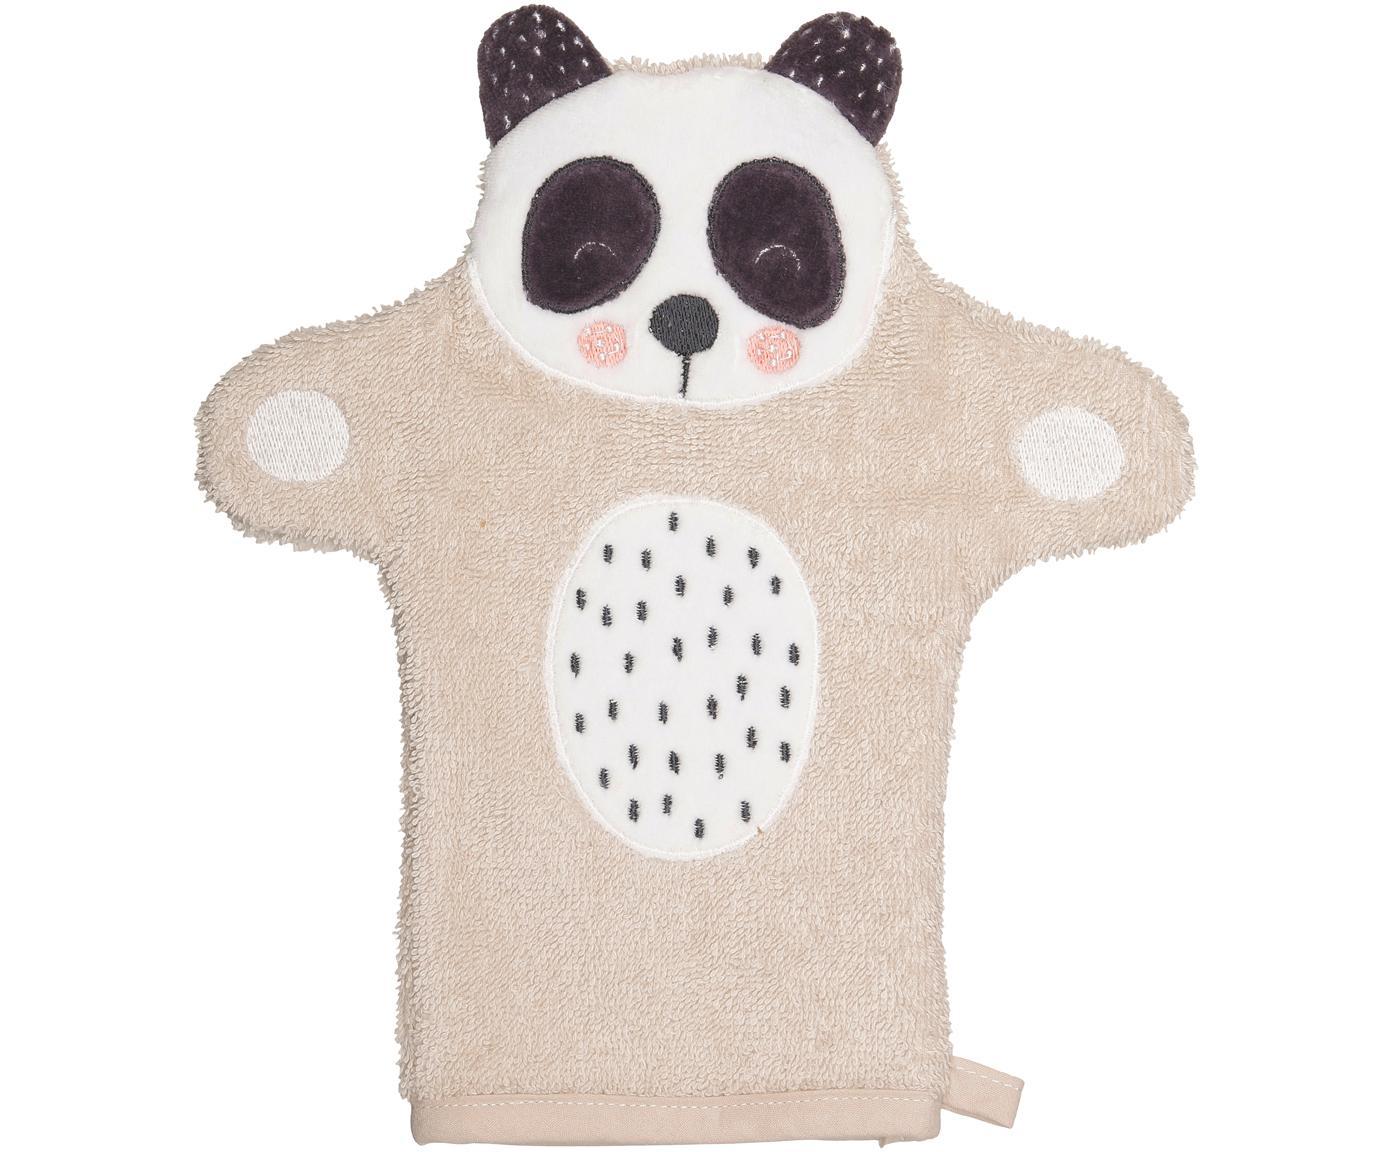 Waschlappen Panda Penny aus Bio-Baumwolle, Bio-Baumwolle, GOTS zertifiziert, Beige, Weiß, Dunkelgrau, 21 x 25 cm